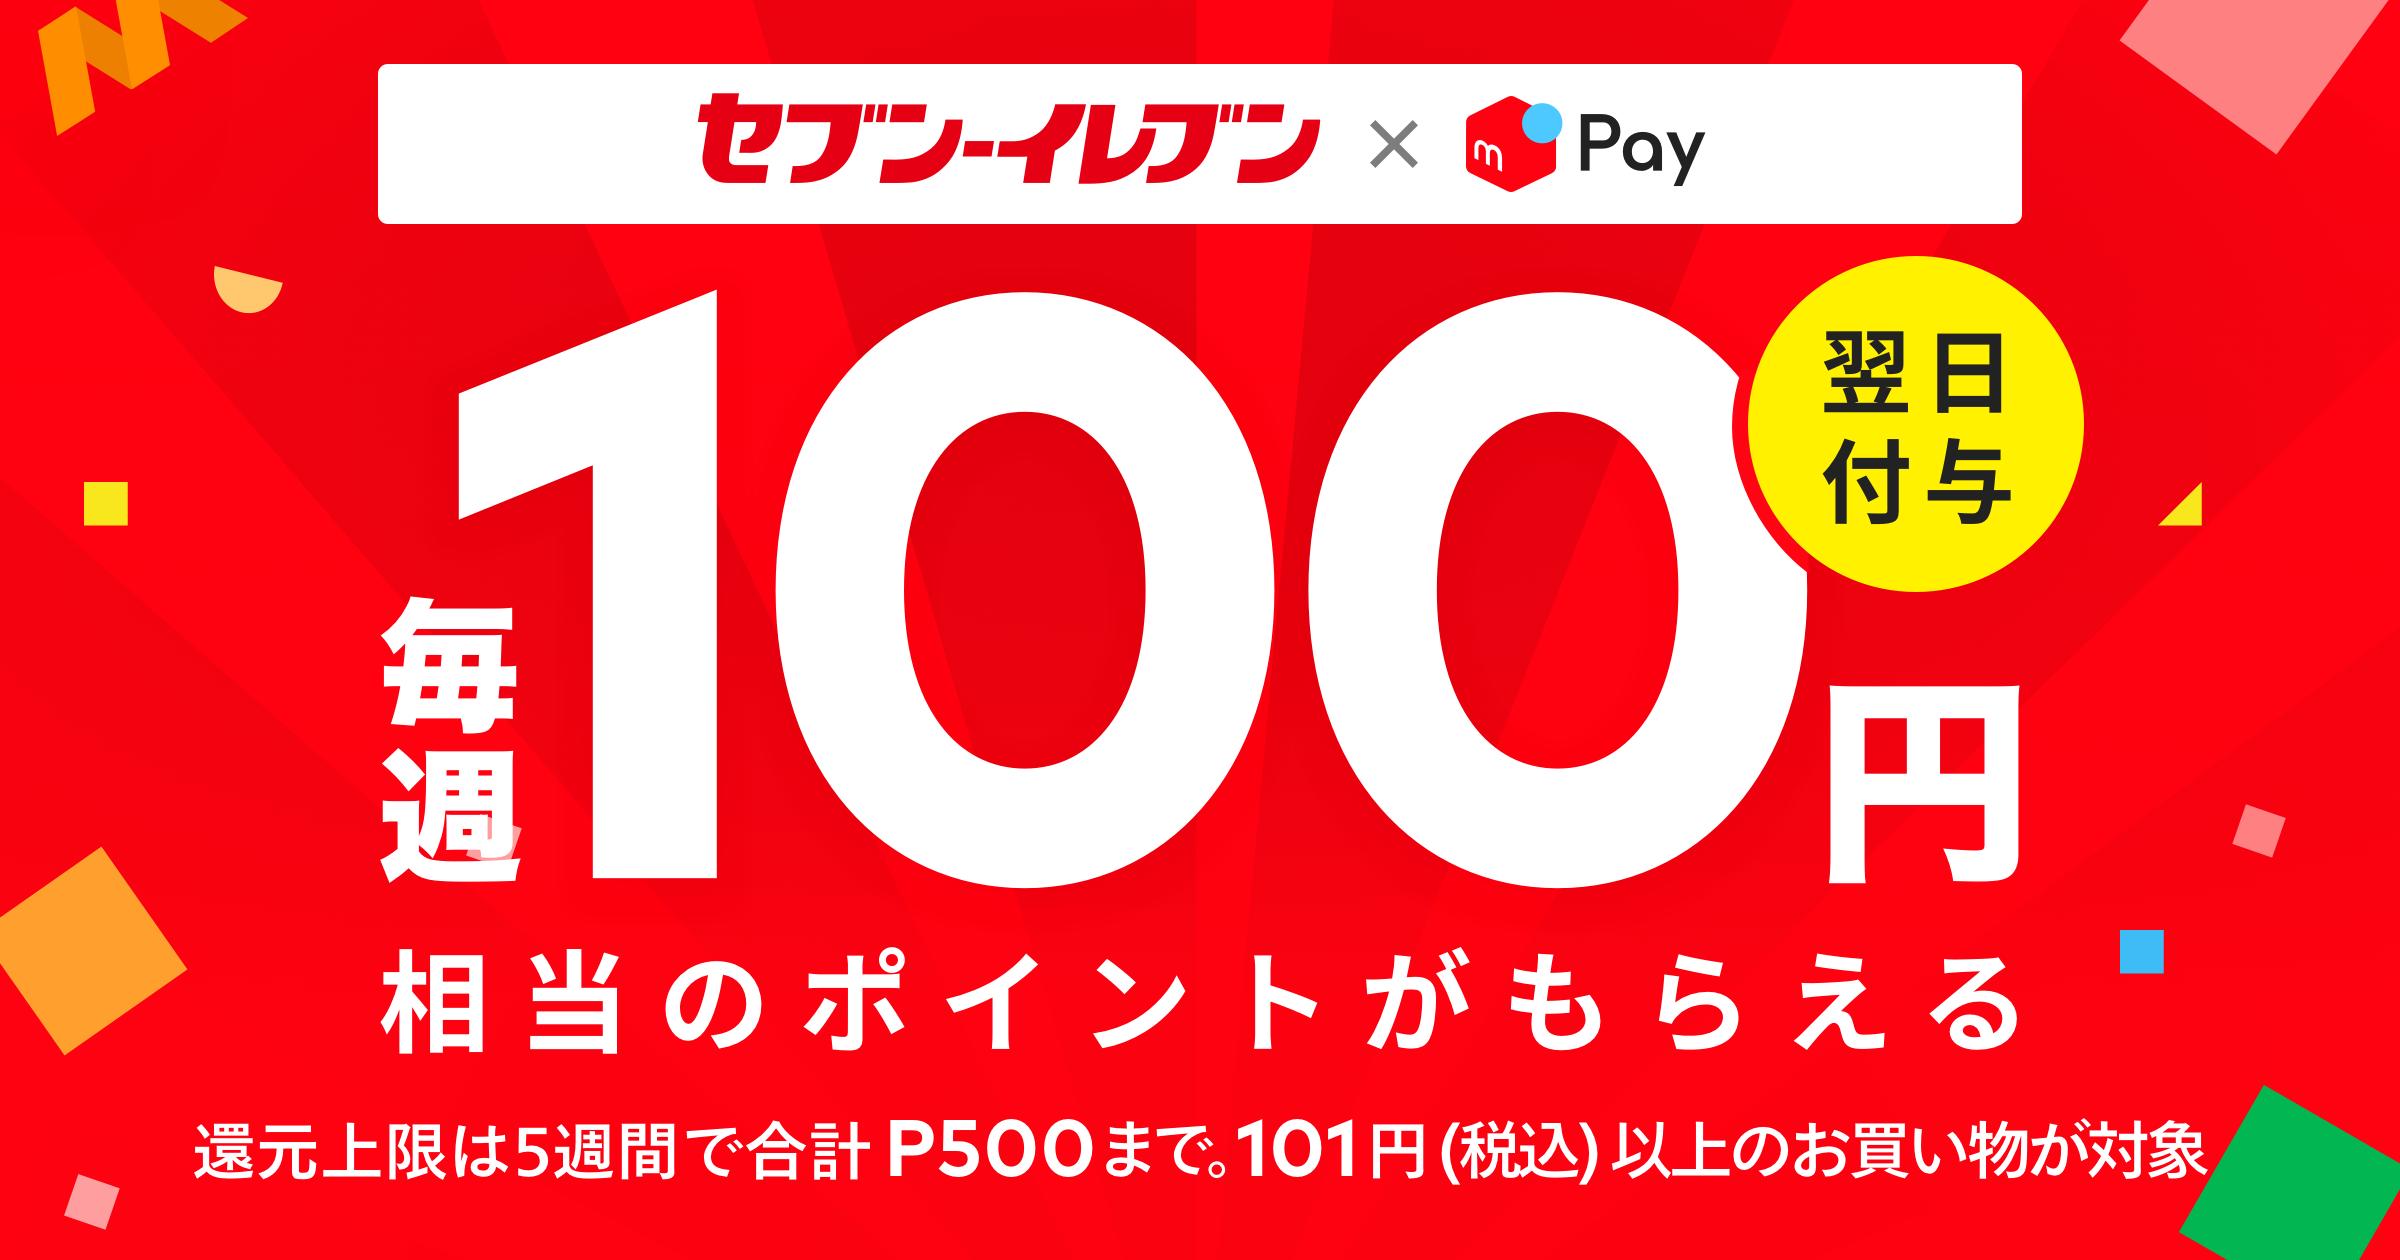 セブン-イレブン限定 5週連続100ポイント還元キャンペーン開催